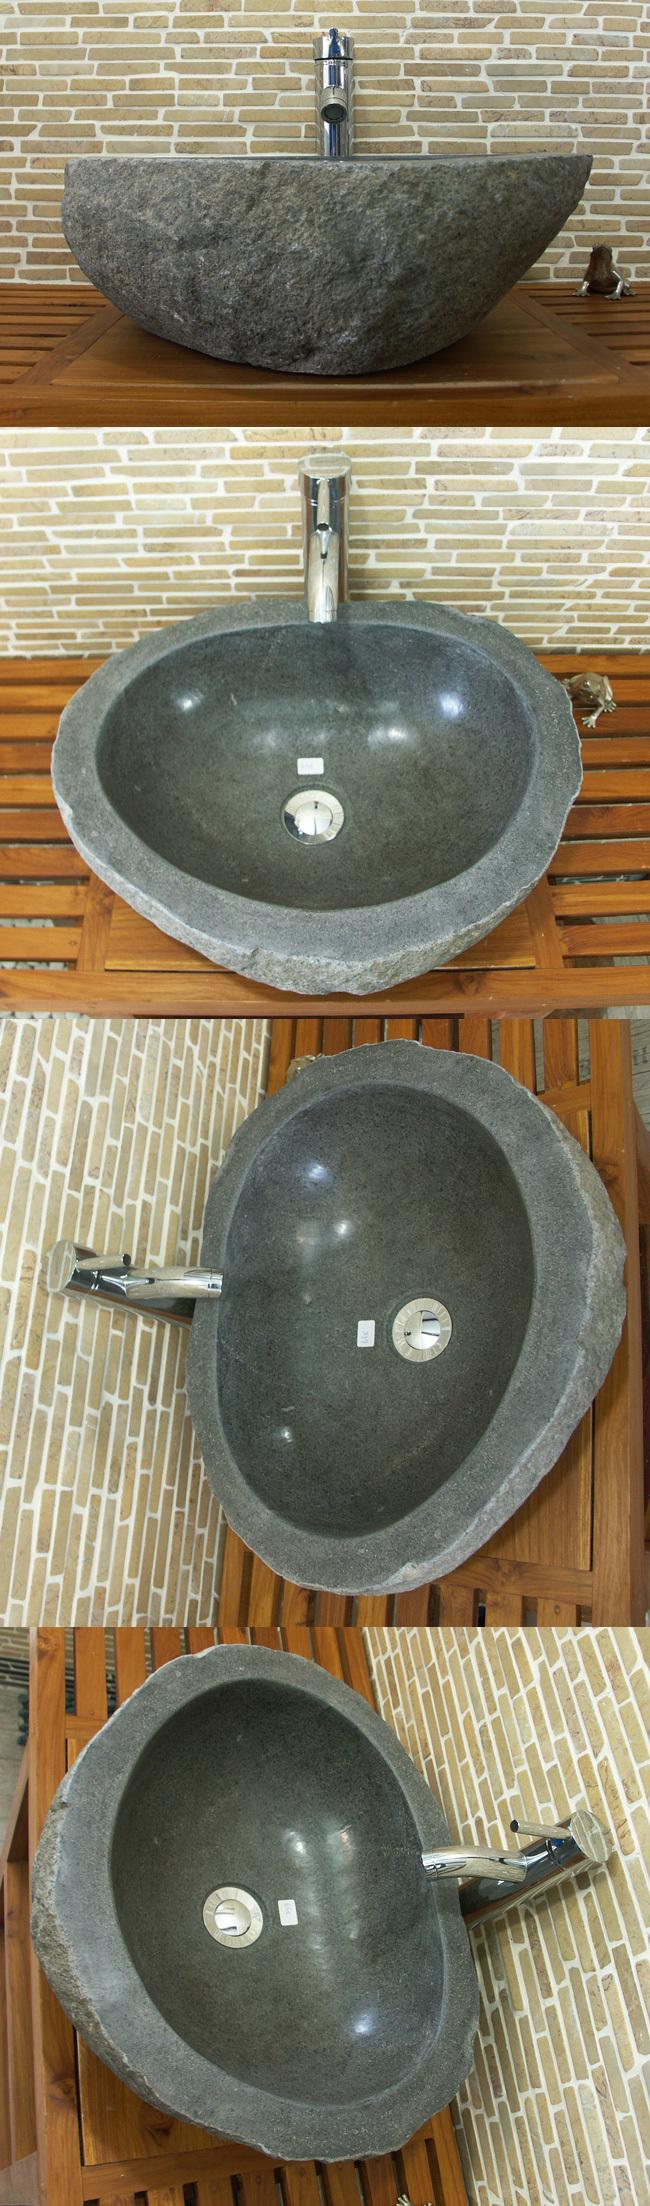 waschbecken aus flussstein form bafs 63e ein unikat im bad. Black Bedroom Furniture Sets. Home Design Ideas